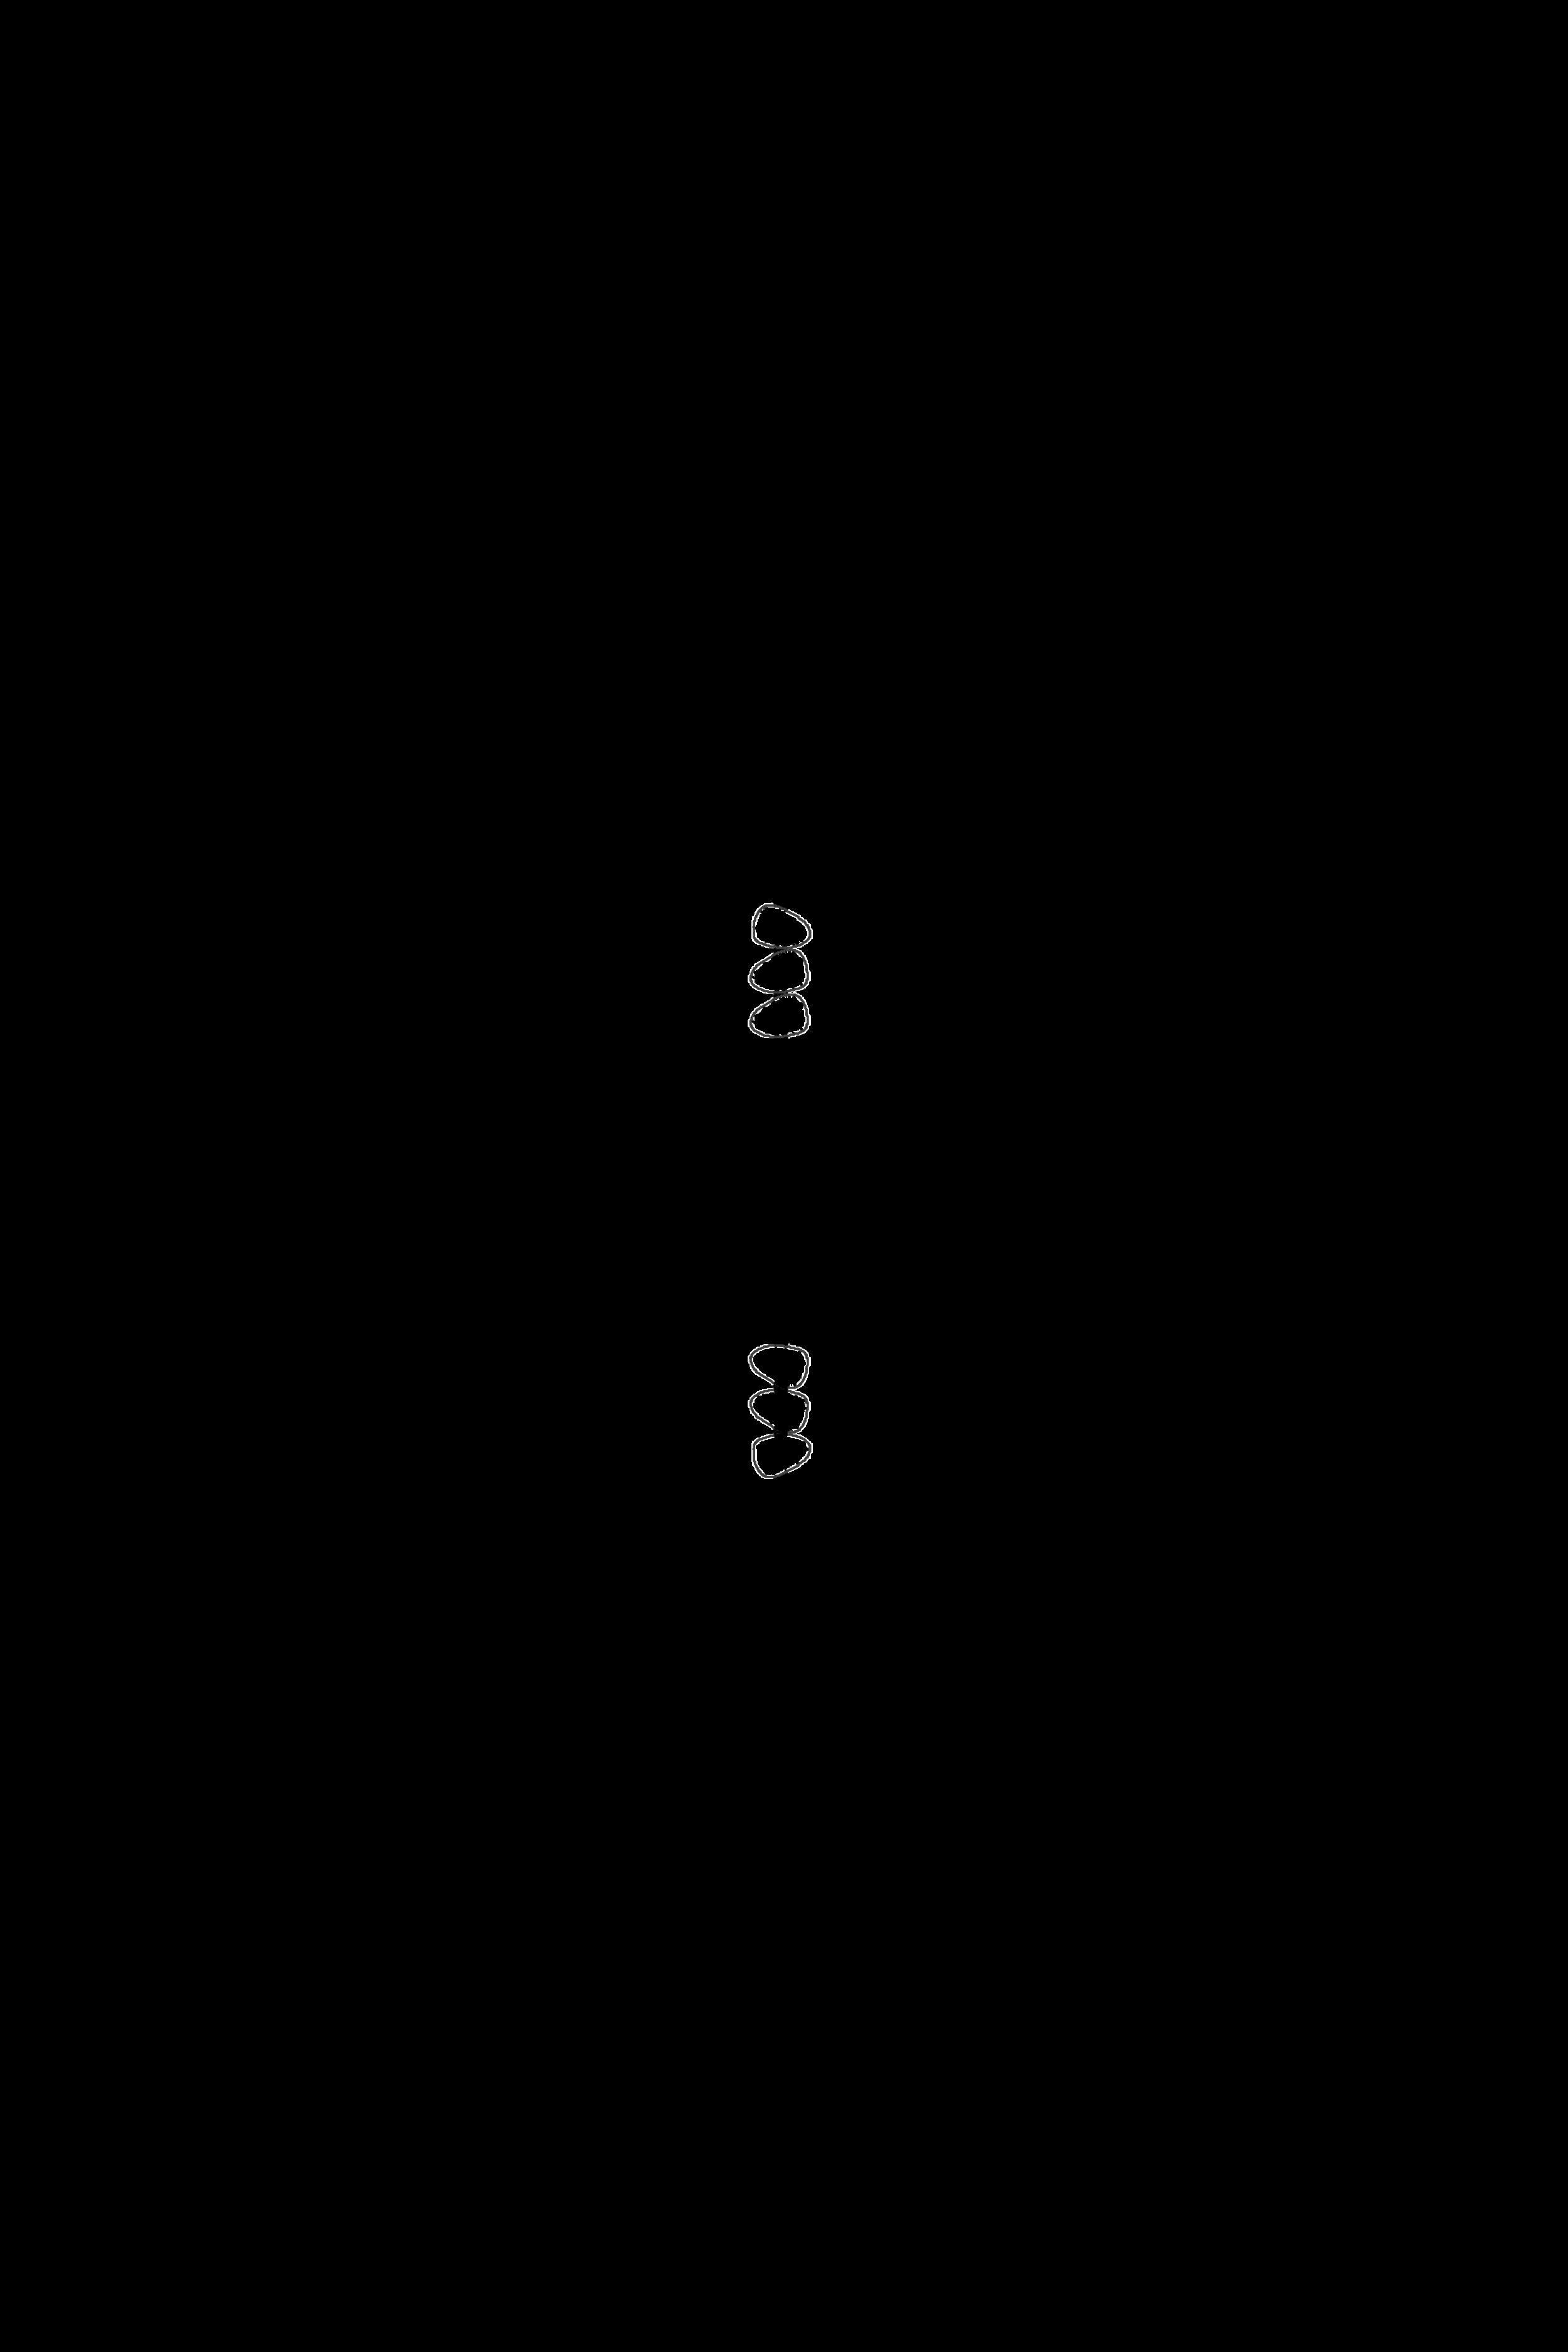 V4.5.png